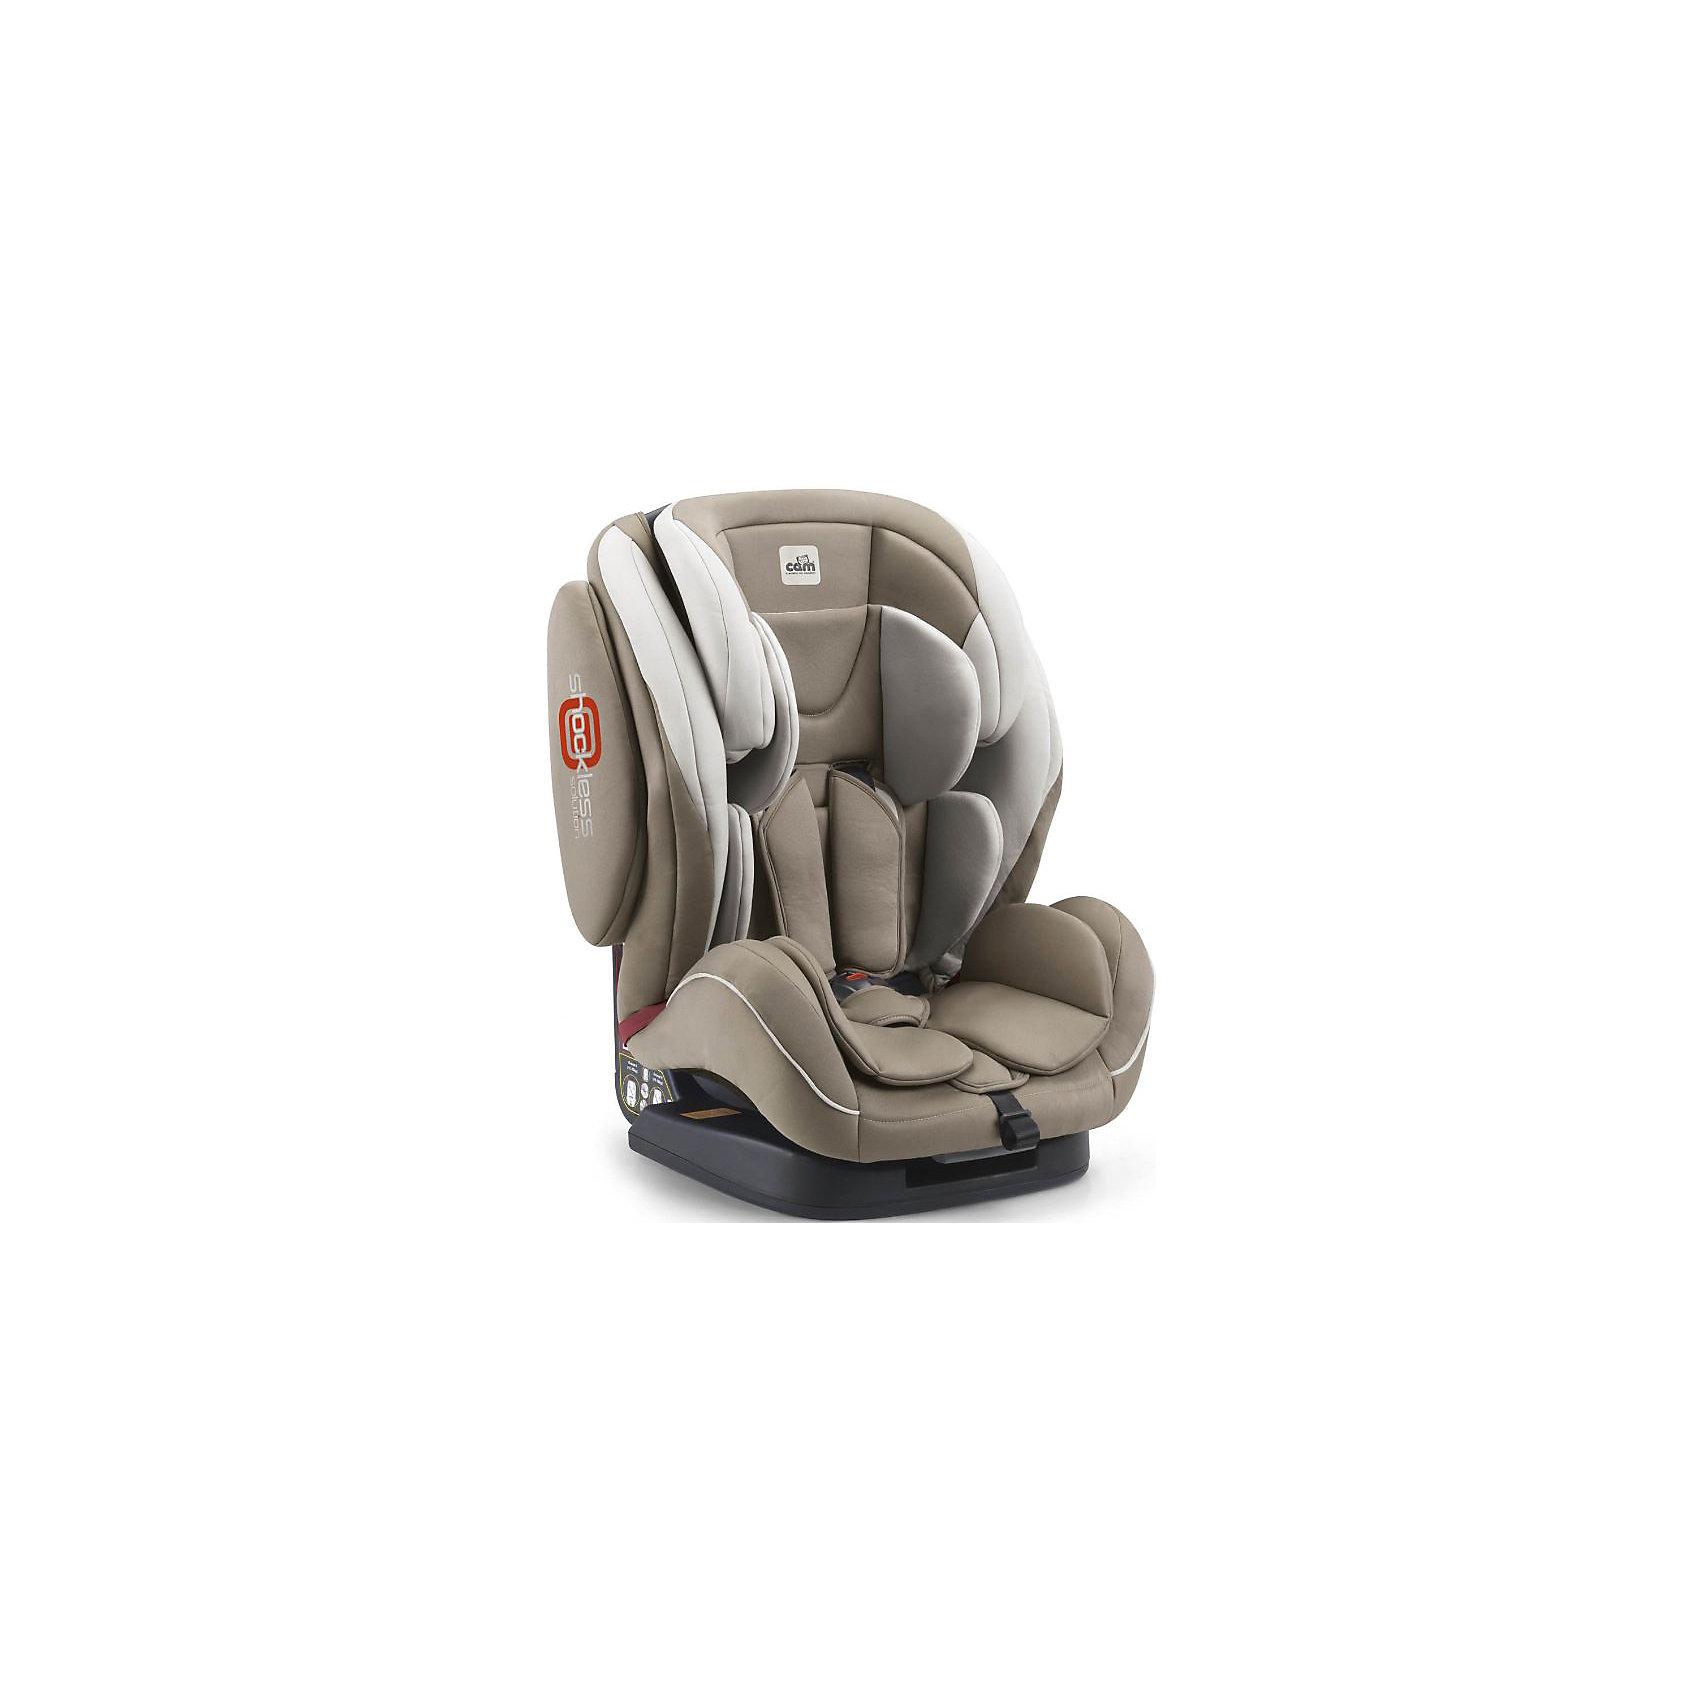 Автокресло Regolo с Isofix, 9-36 кг., CAM, кремАвтокресло Regolo с Isofix, CAM - комфортная надежная модель, которая сделает поездку Вашего ребенка приятной и безопасной. Благодаря особой конструкции автокресло может использоваться в течении длительного времени и охватывает весовые категории детей от 9 месяцев до<br>12 лет. Комфортное кресло оснащено эргономичной спинкой с регулируемым углом наклона (5 положений) и обеспечивает удобство сидения во время длительных поездок. Подголовник регулируется по высоте в зависимости от роста ребенка. Для малышей предусмотрен мягкий<br>анатомический вкладыш. Регулируемые 5-точечные ремни безопасности с мягкими плечевыми накладками надежно удерживают ребенка в кресле. Противоударный каркас и усиленная боковая защита уберегут ребёнка от серьезных травм.  <br><br>Автокресло устанавливается лицом вперед, по ходу движения автомобиля с помощью штатных ремней безопасности (имеется встроенная направляющая ремня) и системы Isofix. Для детей постарше (2-й группы, 15-36 кг.) ремни автокресла можно снять и использовать штатные ремни автомобиля, которые фиксируются специальными ограничителями. Кресло изготовлено из высококачественных материалов, износостойкие тканевые чехлы снимаются для чистки или стирки при температуре 30 градусов. Соответствует европейскому стандарту безопасности ECE R44/04. Рассчитано на детей от 9 месяцев до 12 лет, весом 9-36 кг.<br><br><br>Дополнительная информация: <br><br>- Цвет: крем.<br>- Вес ребенка: 9-36 кг. (9 мес.-12 лет).<br>- Группа 1-2-3.<br>- Материал: пластик, текстиль. <br>- Размеры кресла: 52 x 50 x 64 см. <br>- Вес: 10,9 кг.<br><br>Автокресло Regolo с Isofix, 9-36 кг., CAM, крем, можно купить в нашем интернет-магазине.<br><br>Ширина мм: 465<br>Глубина мм: 460<br>Высота мм: 815<br>Вес г: 12000<br>Возраст от месяцев: 6<br>Возраст до месяцев: 144<br>Пол: Унисекс<br>Возраст: Детский<br>SKU: 4761369